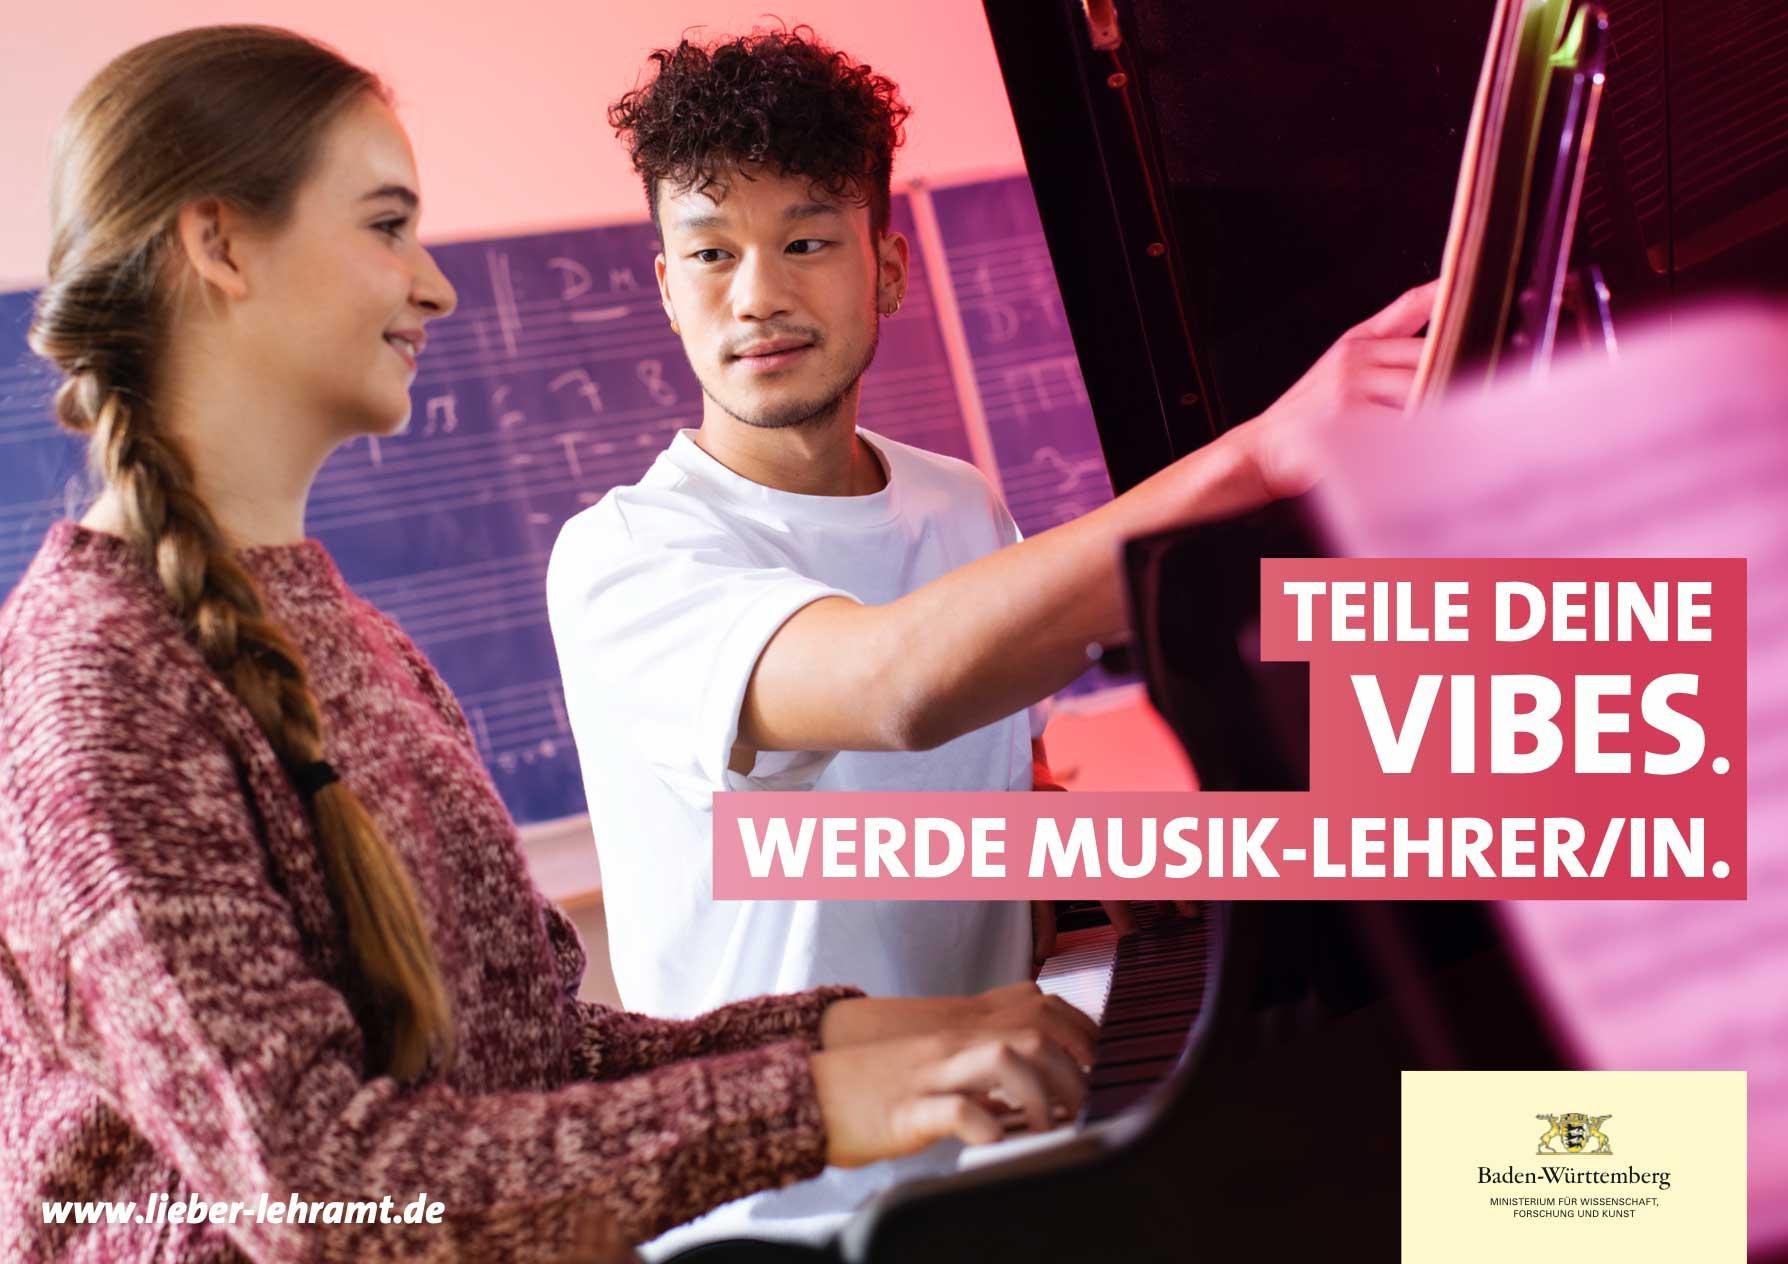 Teile Deine Vibes. Werde Musik-Lehrer/in. Zwei musikbegeisterte Jugendliche spielen gemeinsam am Klavier.